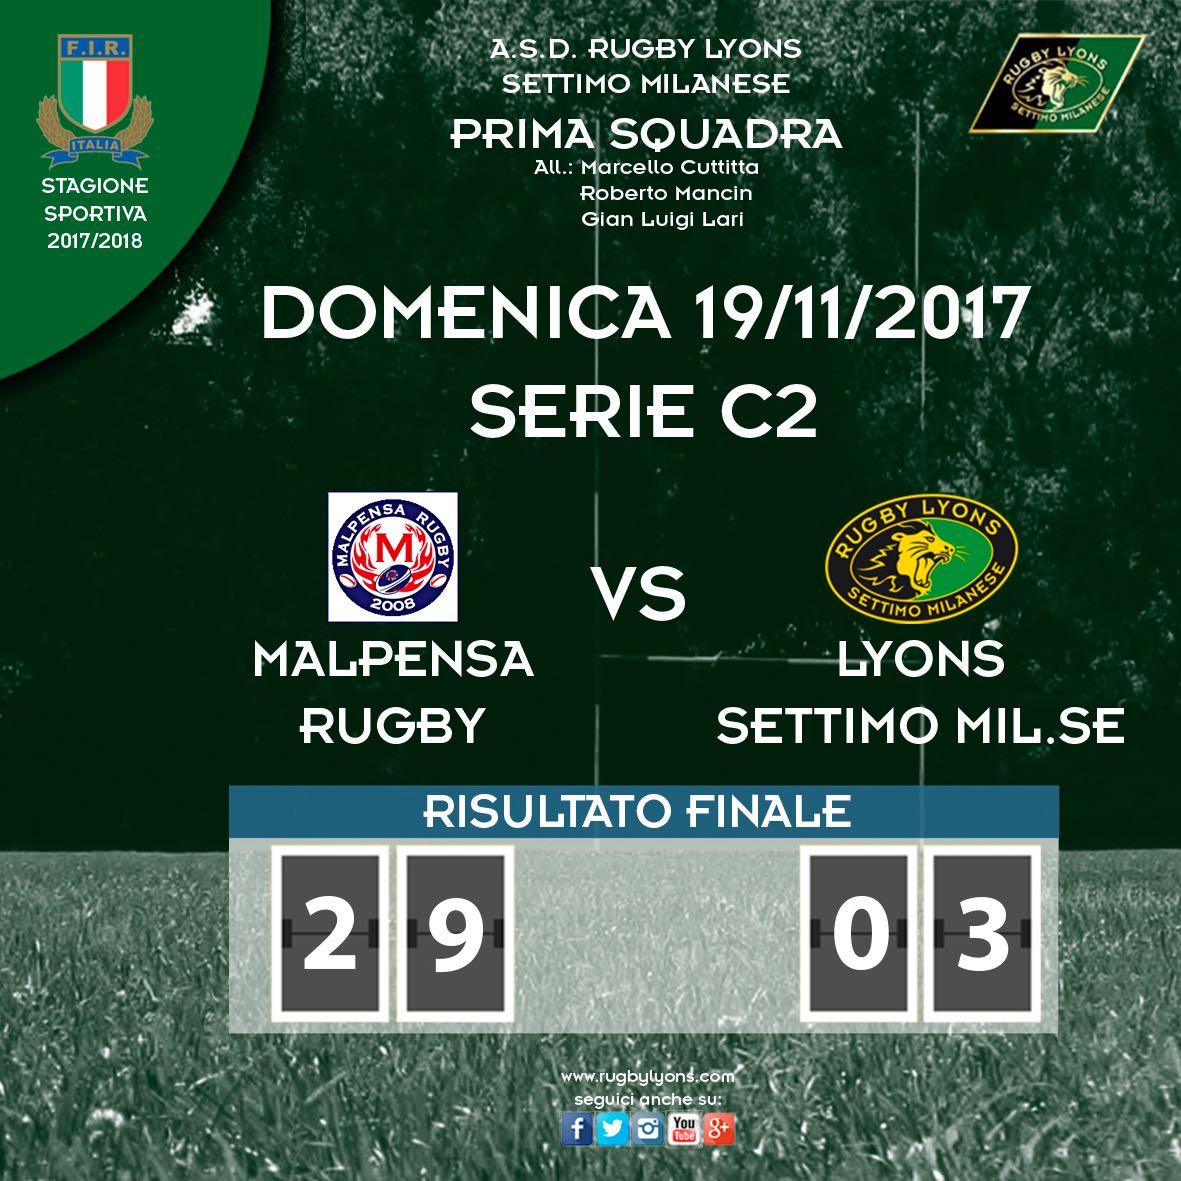 Risultato 7a giornata di Serie C2 – Prima Squadra